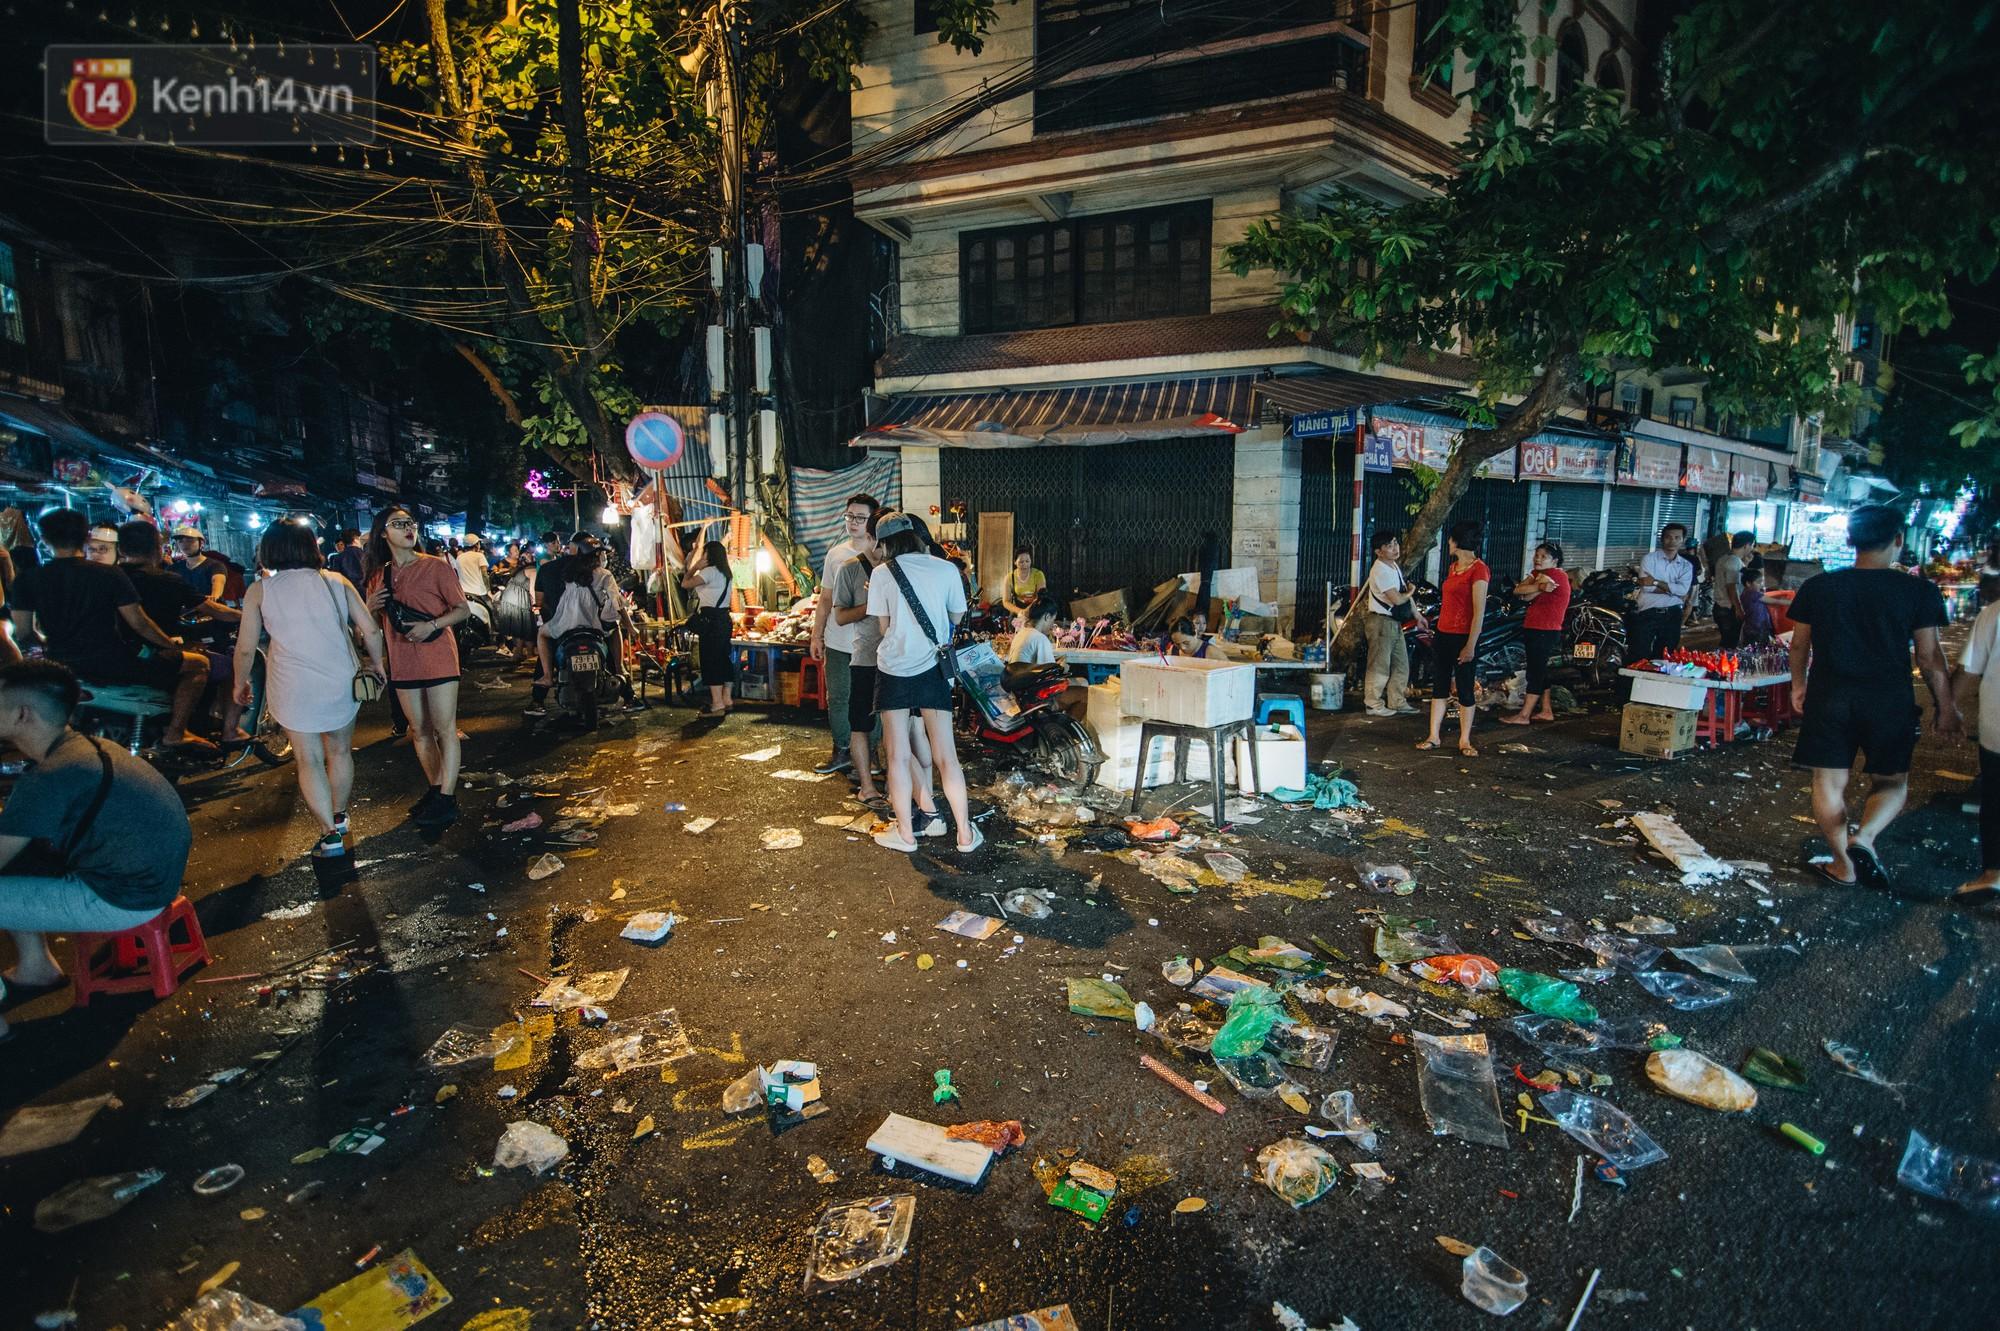 Sau Trung Thu, chợ truyền thống ở Hà nội ngập trong rác thải- Ảnh 2.